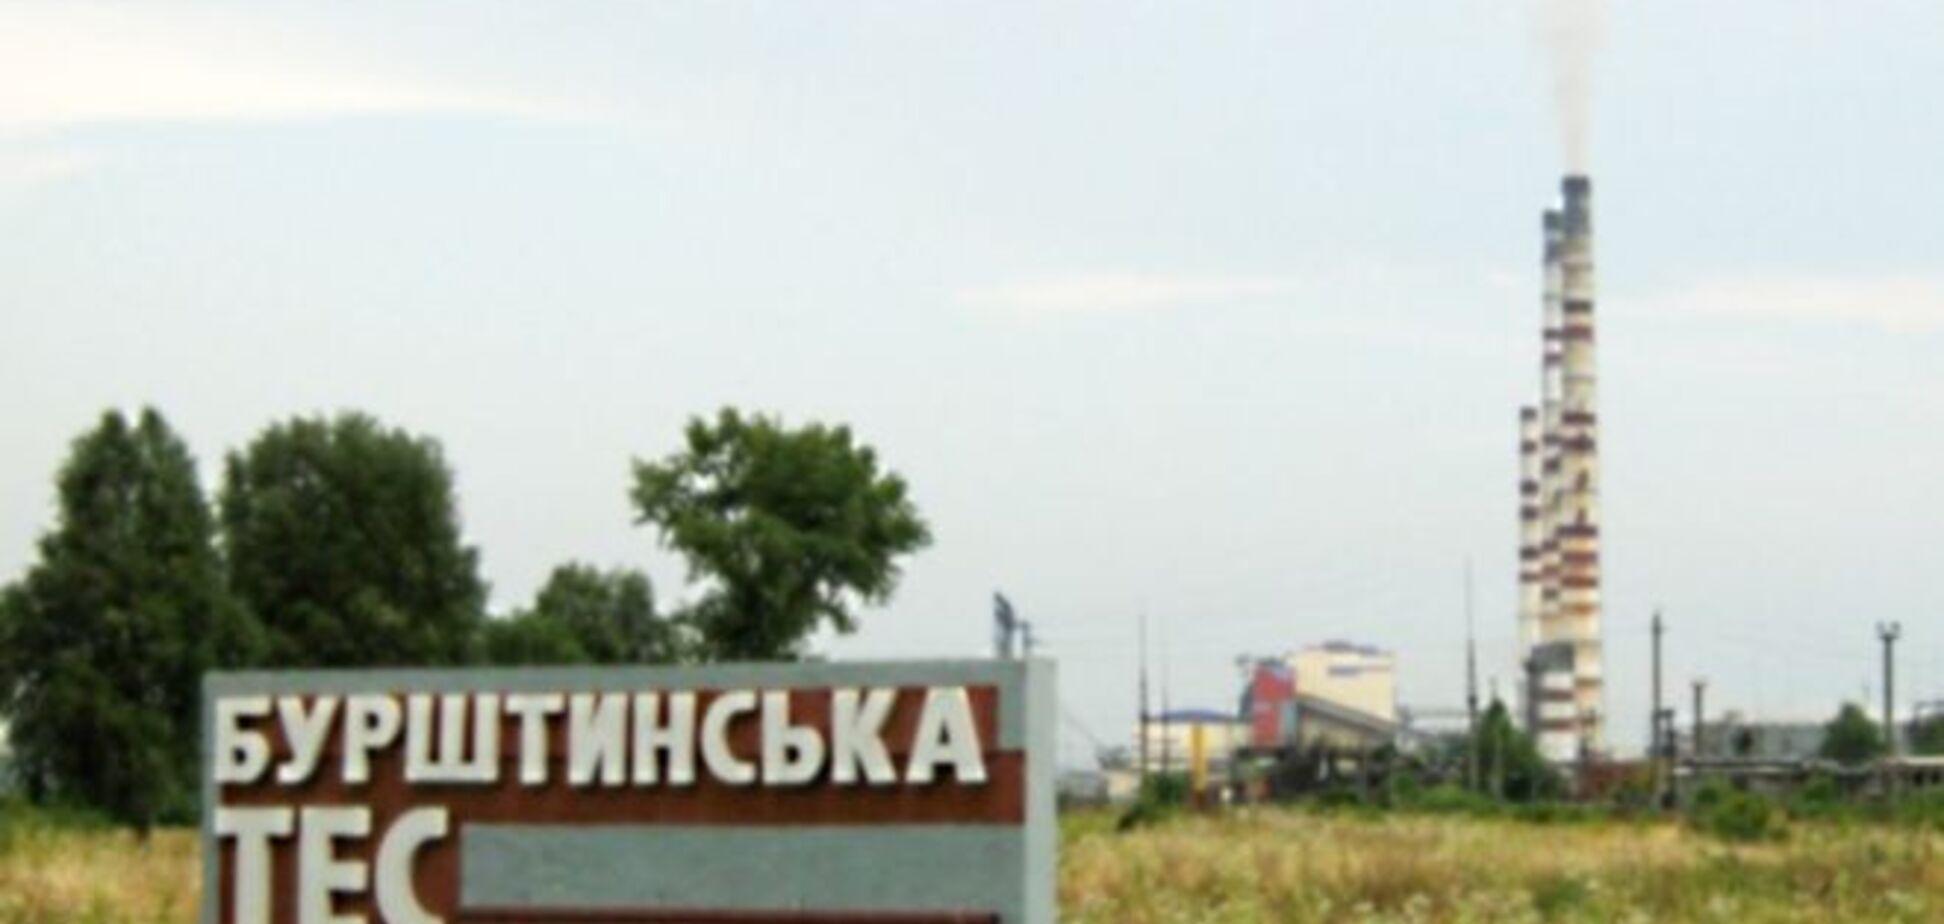 Експерти вважають небезпечним перегляд умов роботи Бурштинського енергоострова